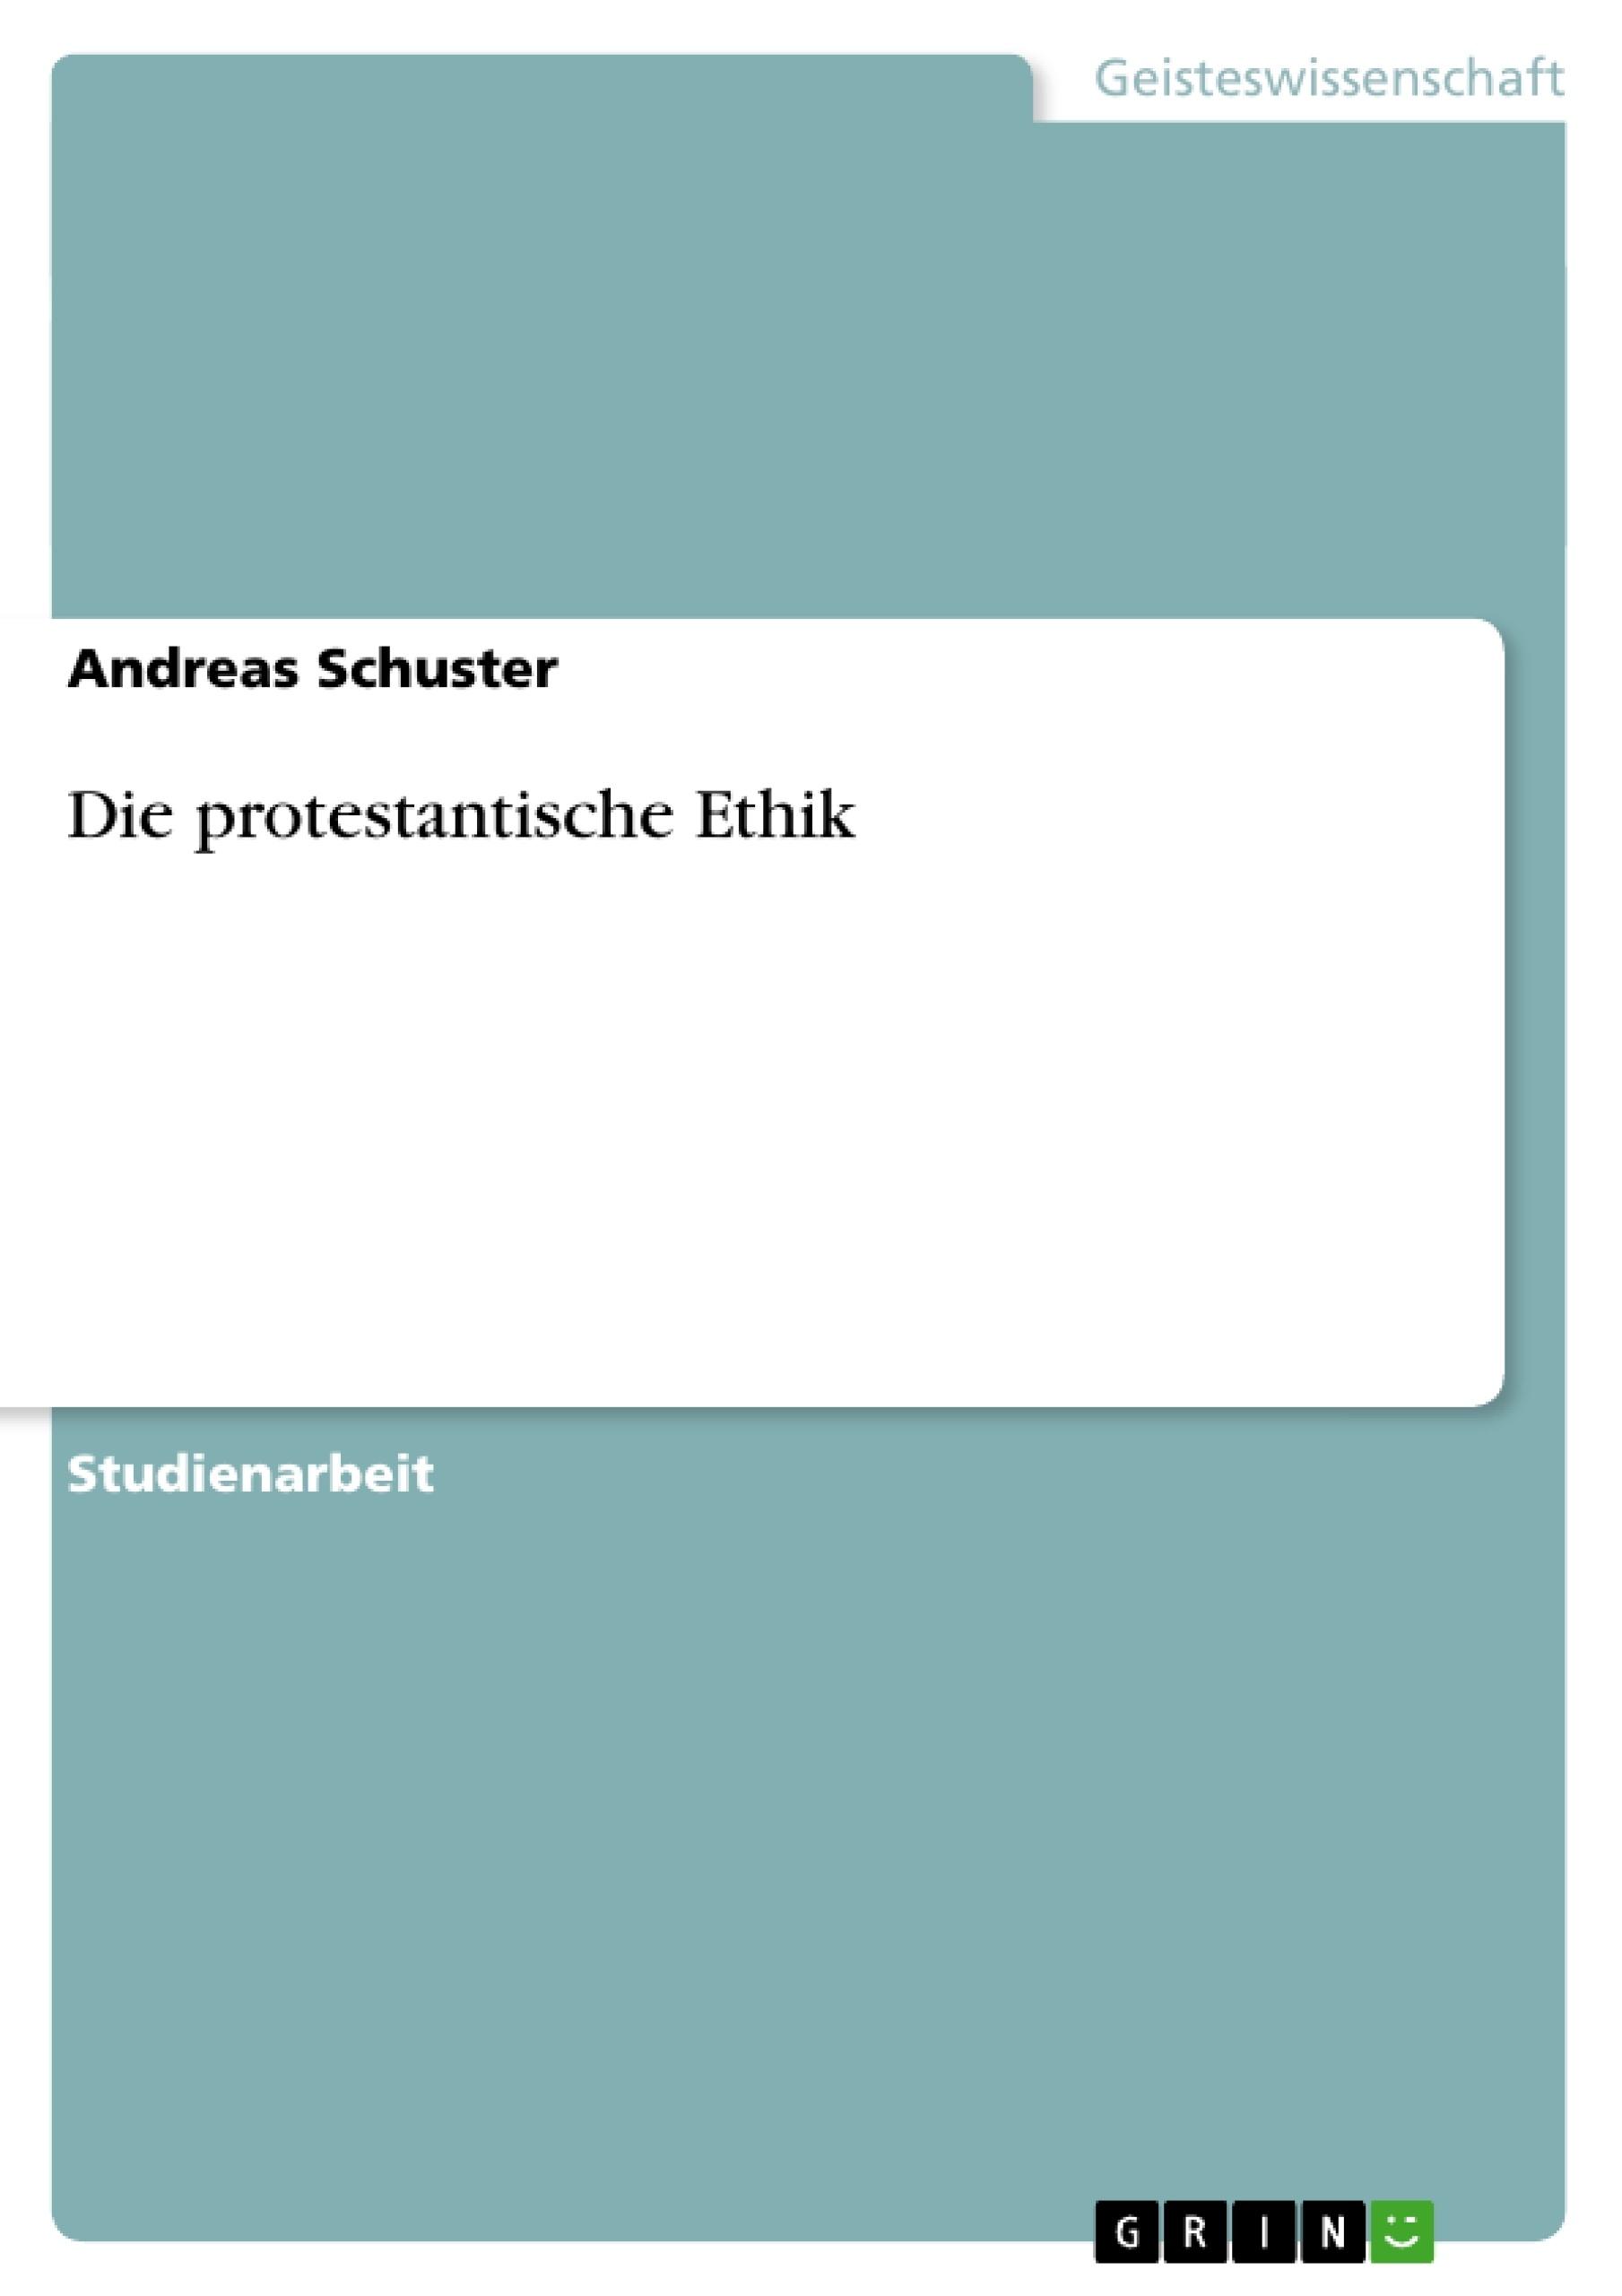 Titel: Die protestantische Ethik